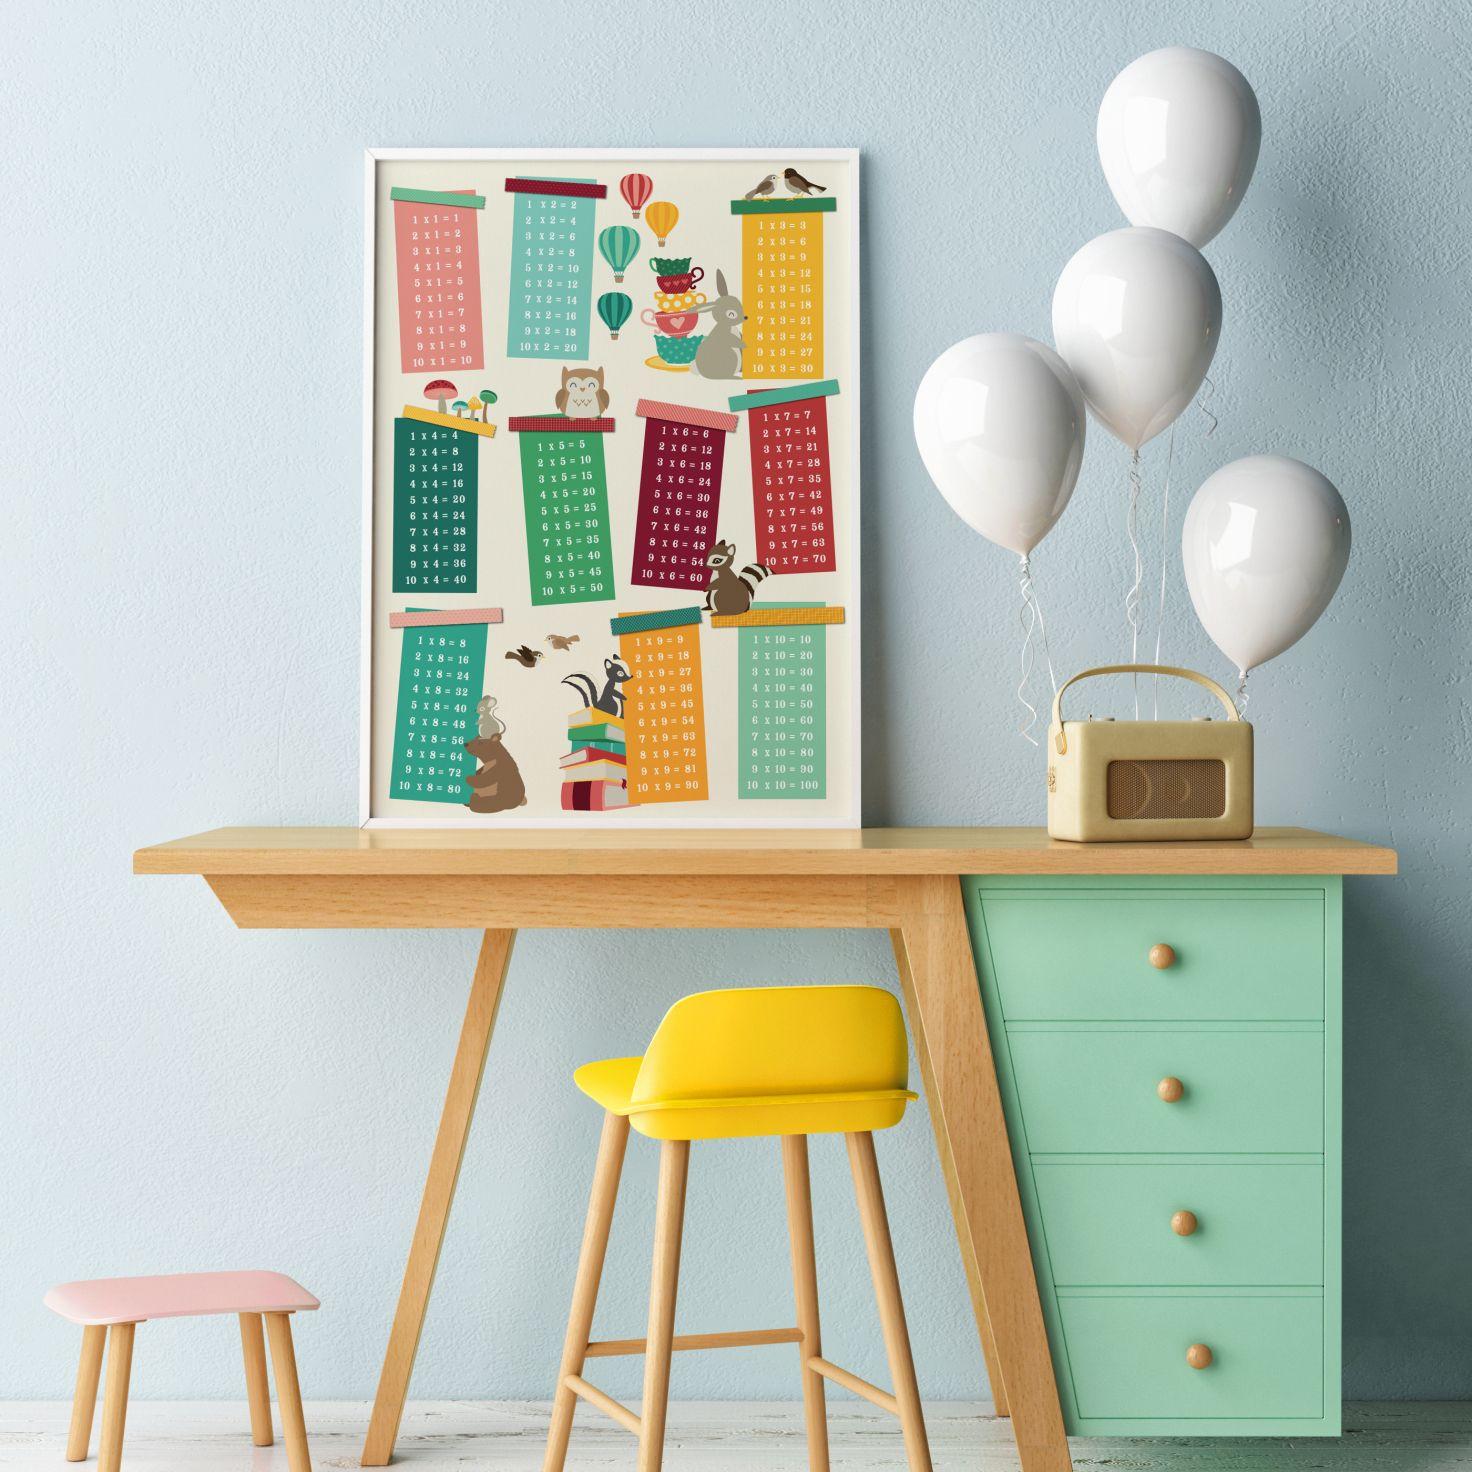 Oktoberdots tafeltjesposter voor de  kinderkamer in mooie, vrolijke kleuren.